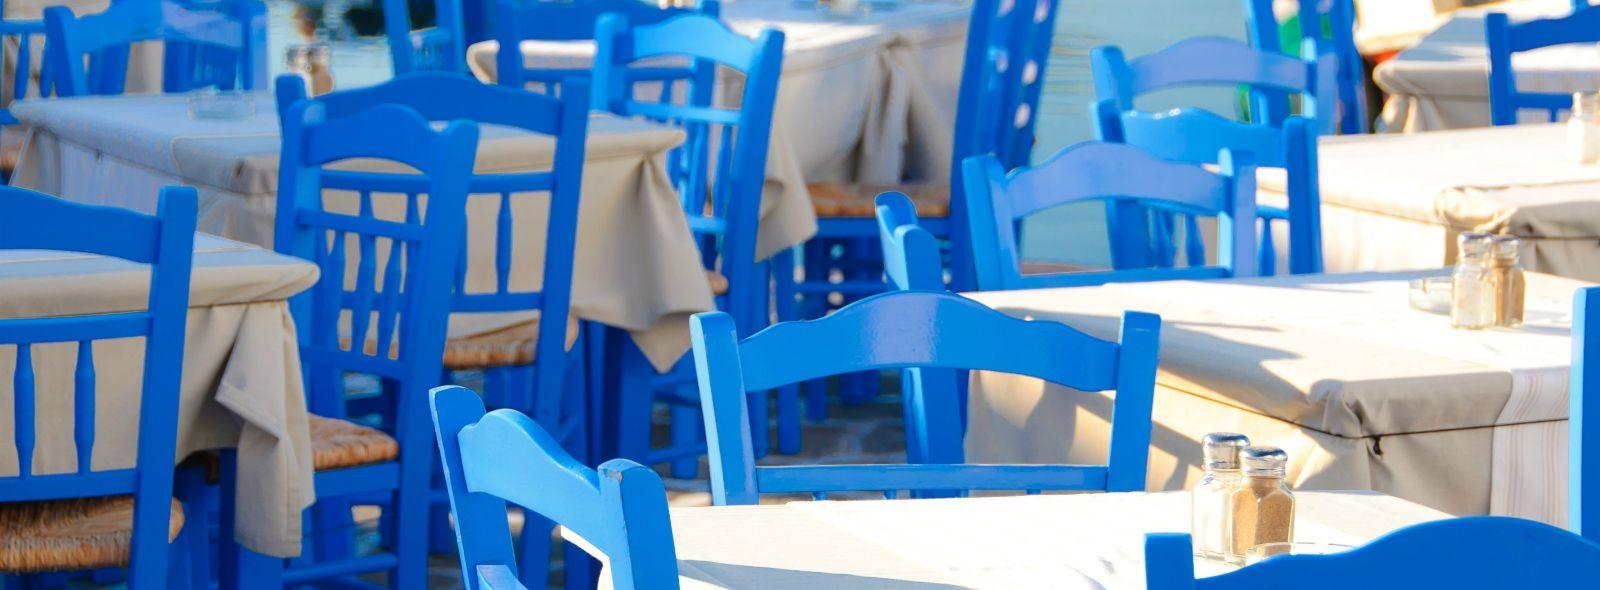 Miglior ristorante greco a Modena